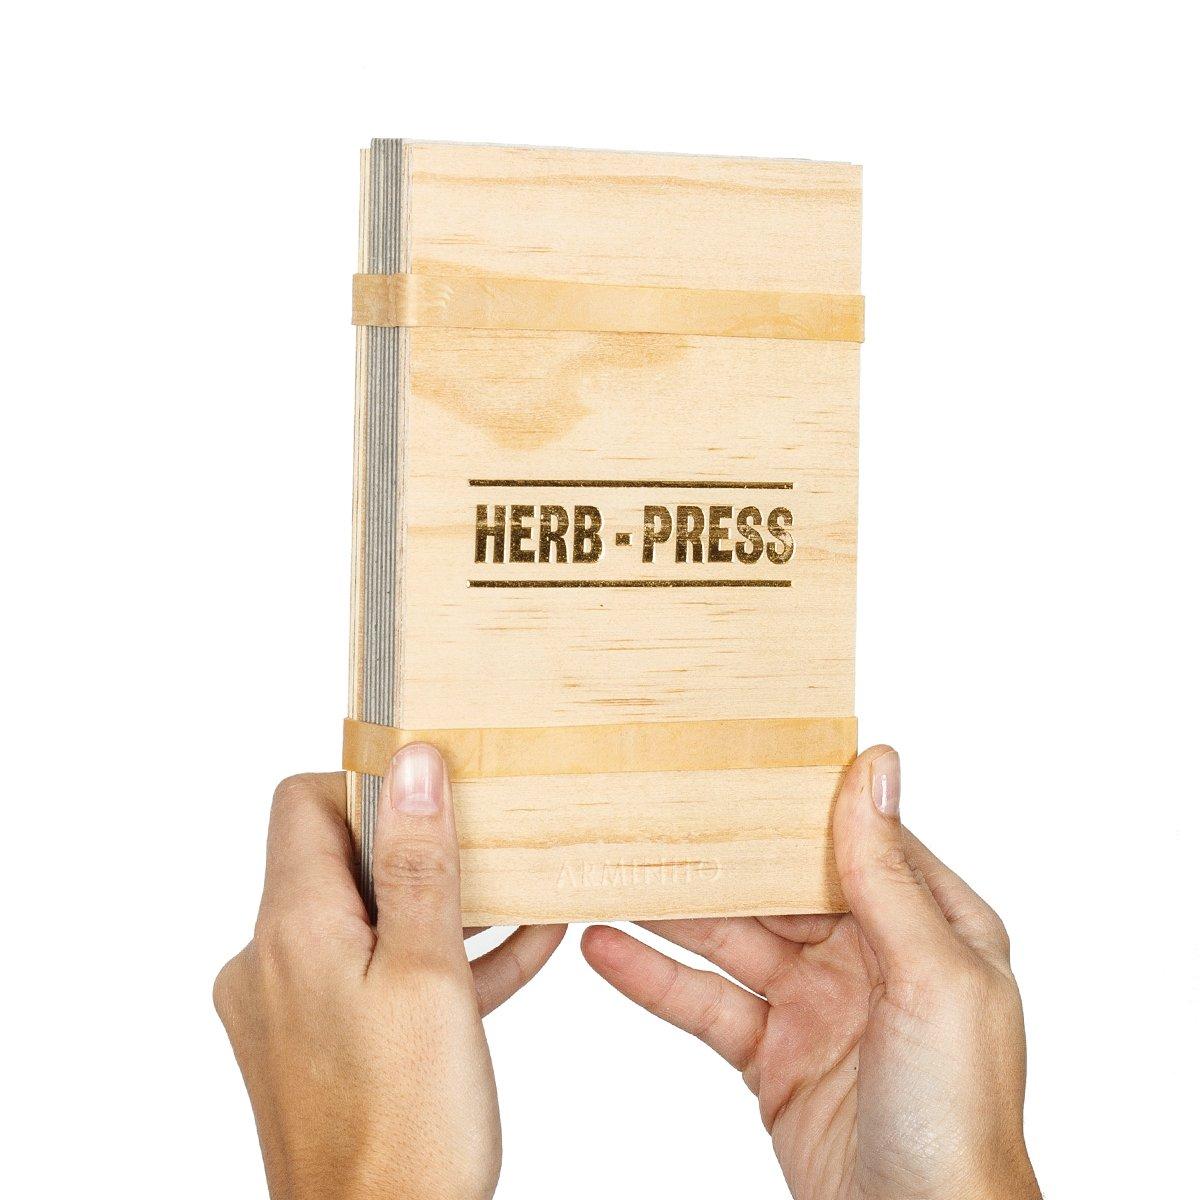 Image of Herb-press - small natural